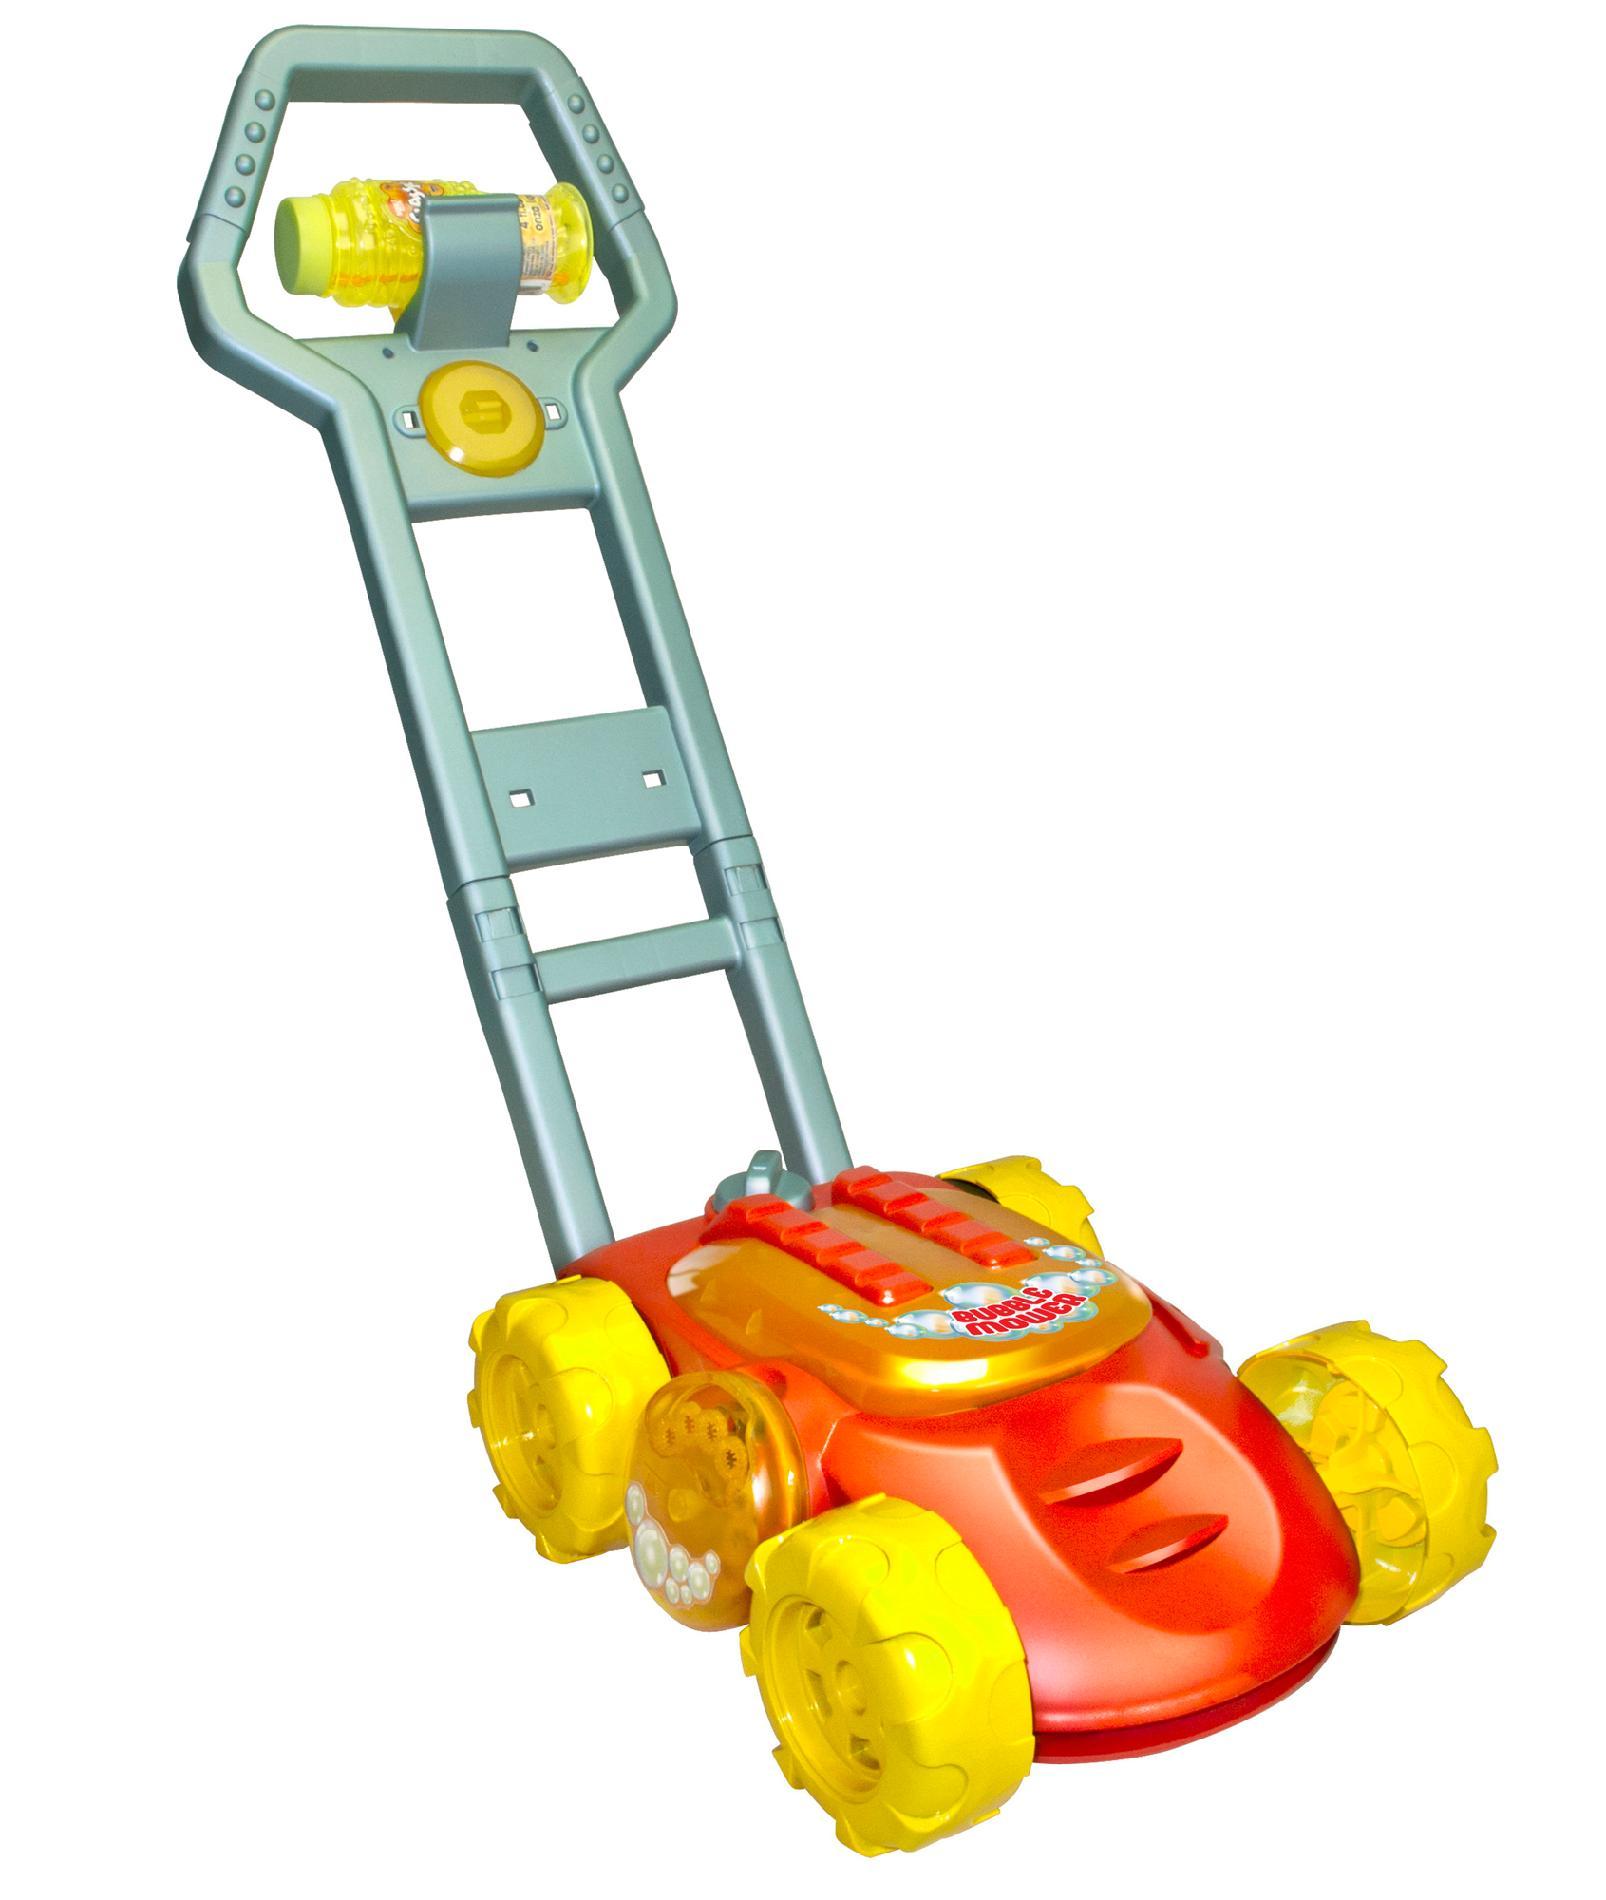 Lanard Toys Bubble Lawn Mower